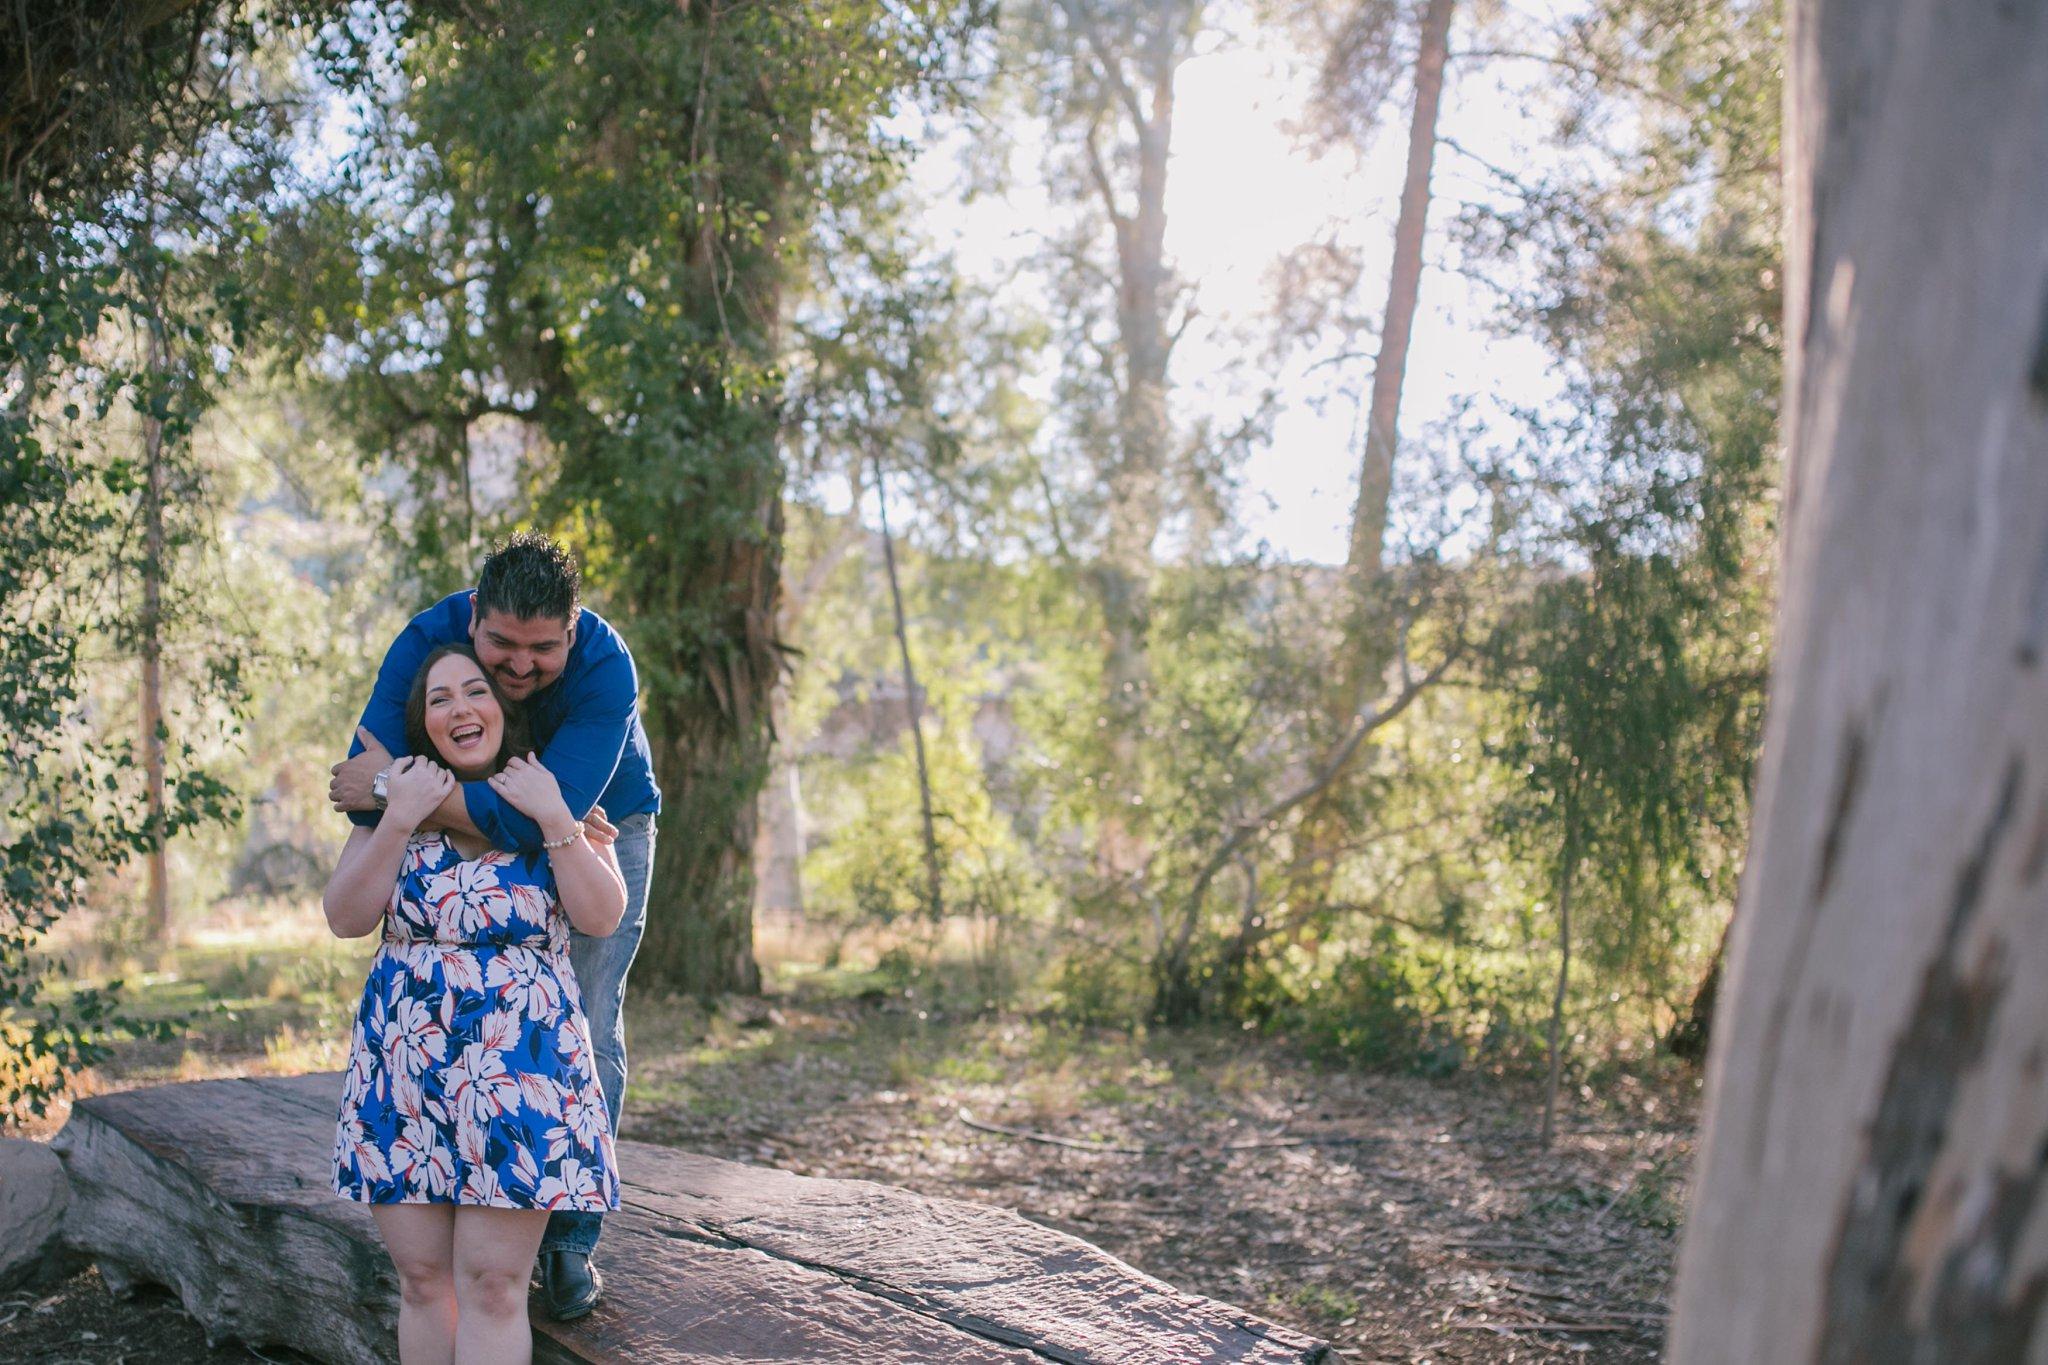 Boyce Thompson Arboretum engagement photo session